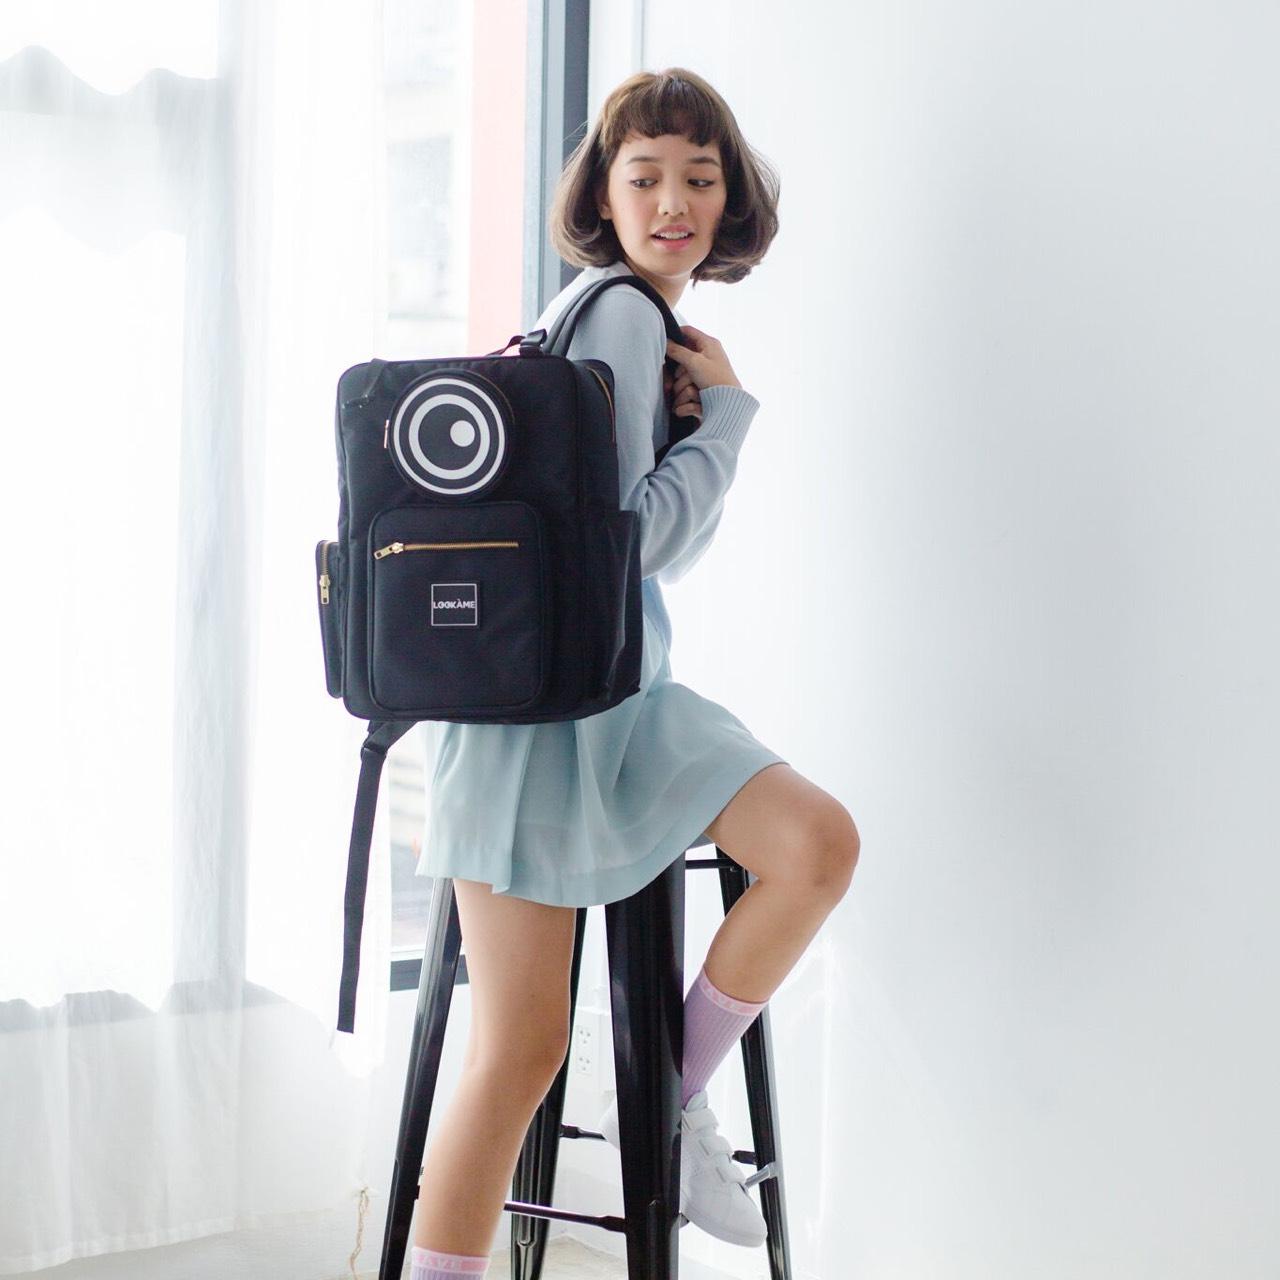 BLACK,lookame,backpacklookame,travel,bag,backpack,travelstuff,lookàme,sneaker,shopeeth,Lookame